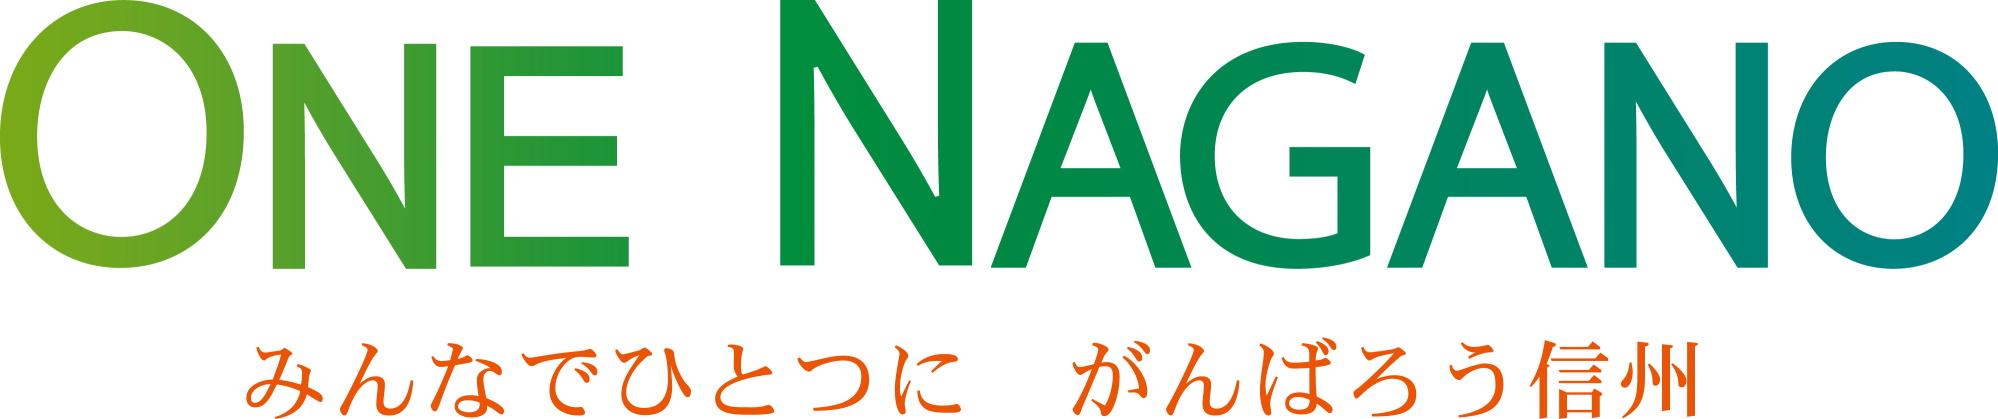 naganologo